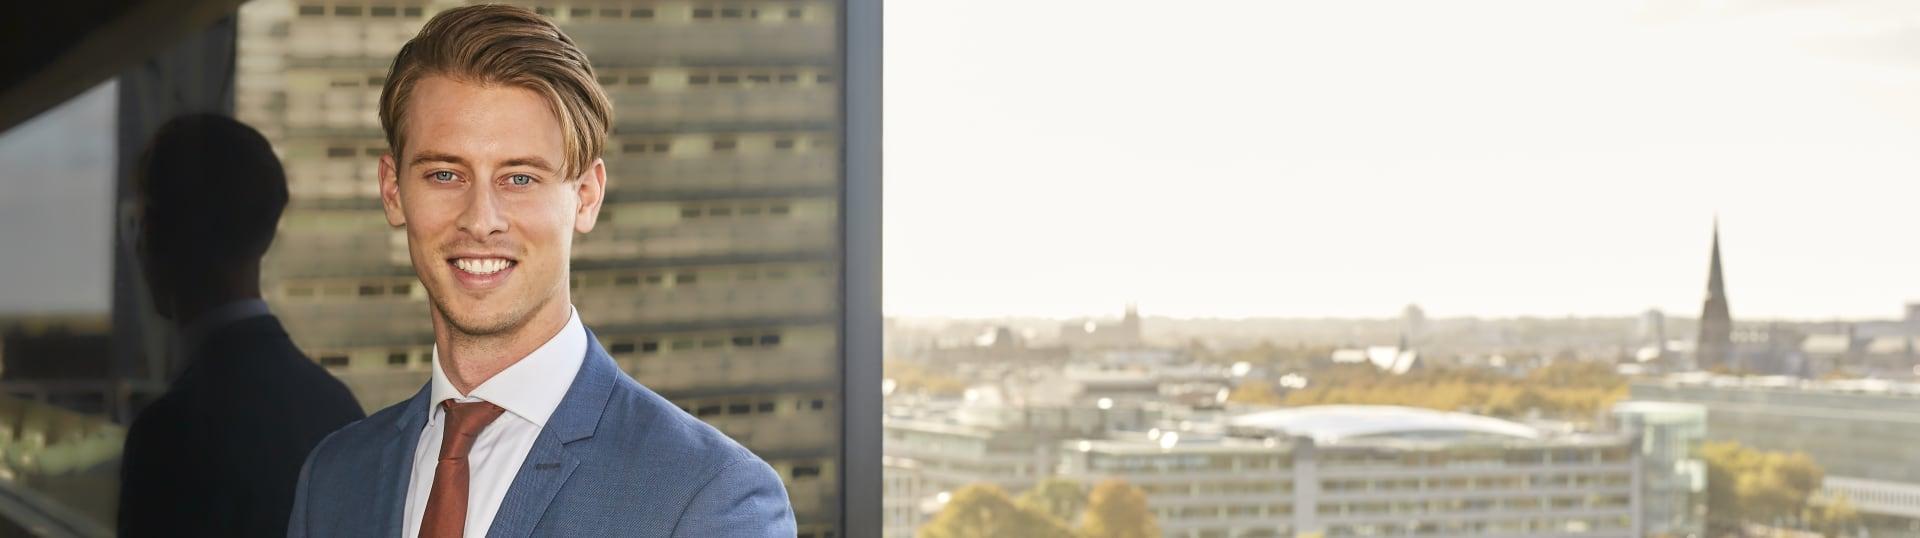 Wiecher van Lingen, advocaat Pels Rijcken